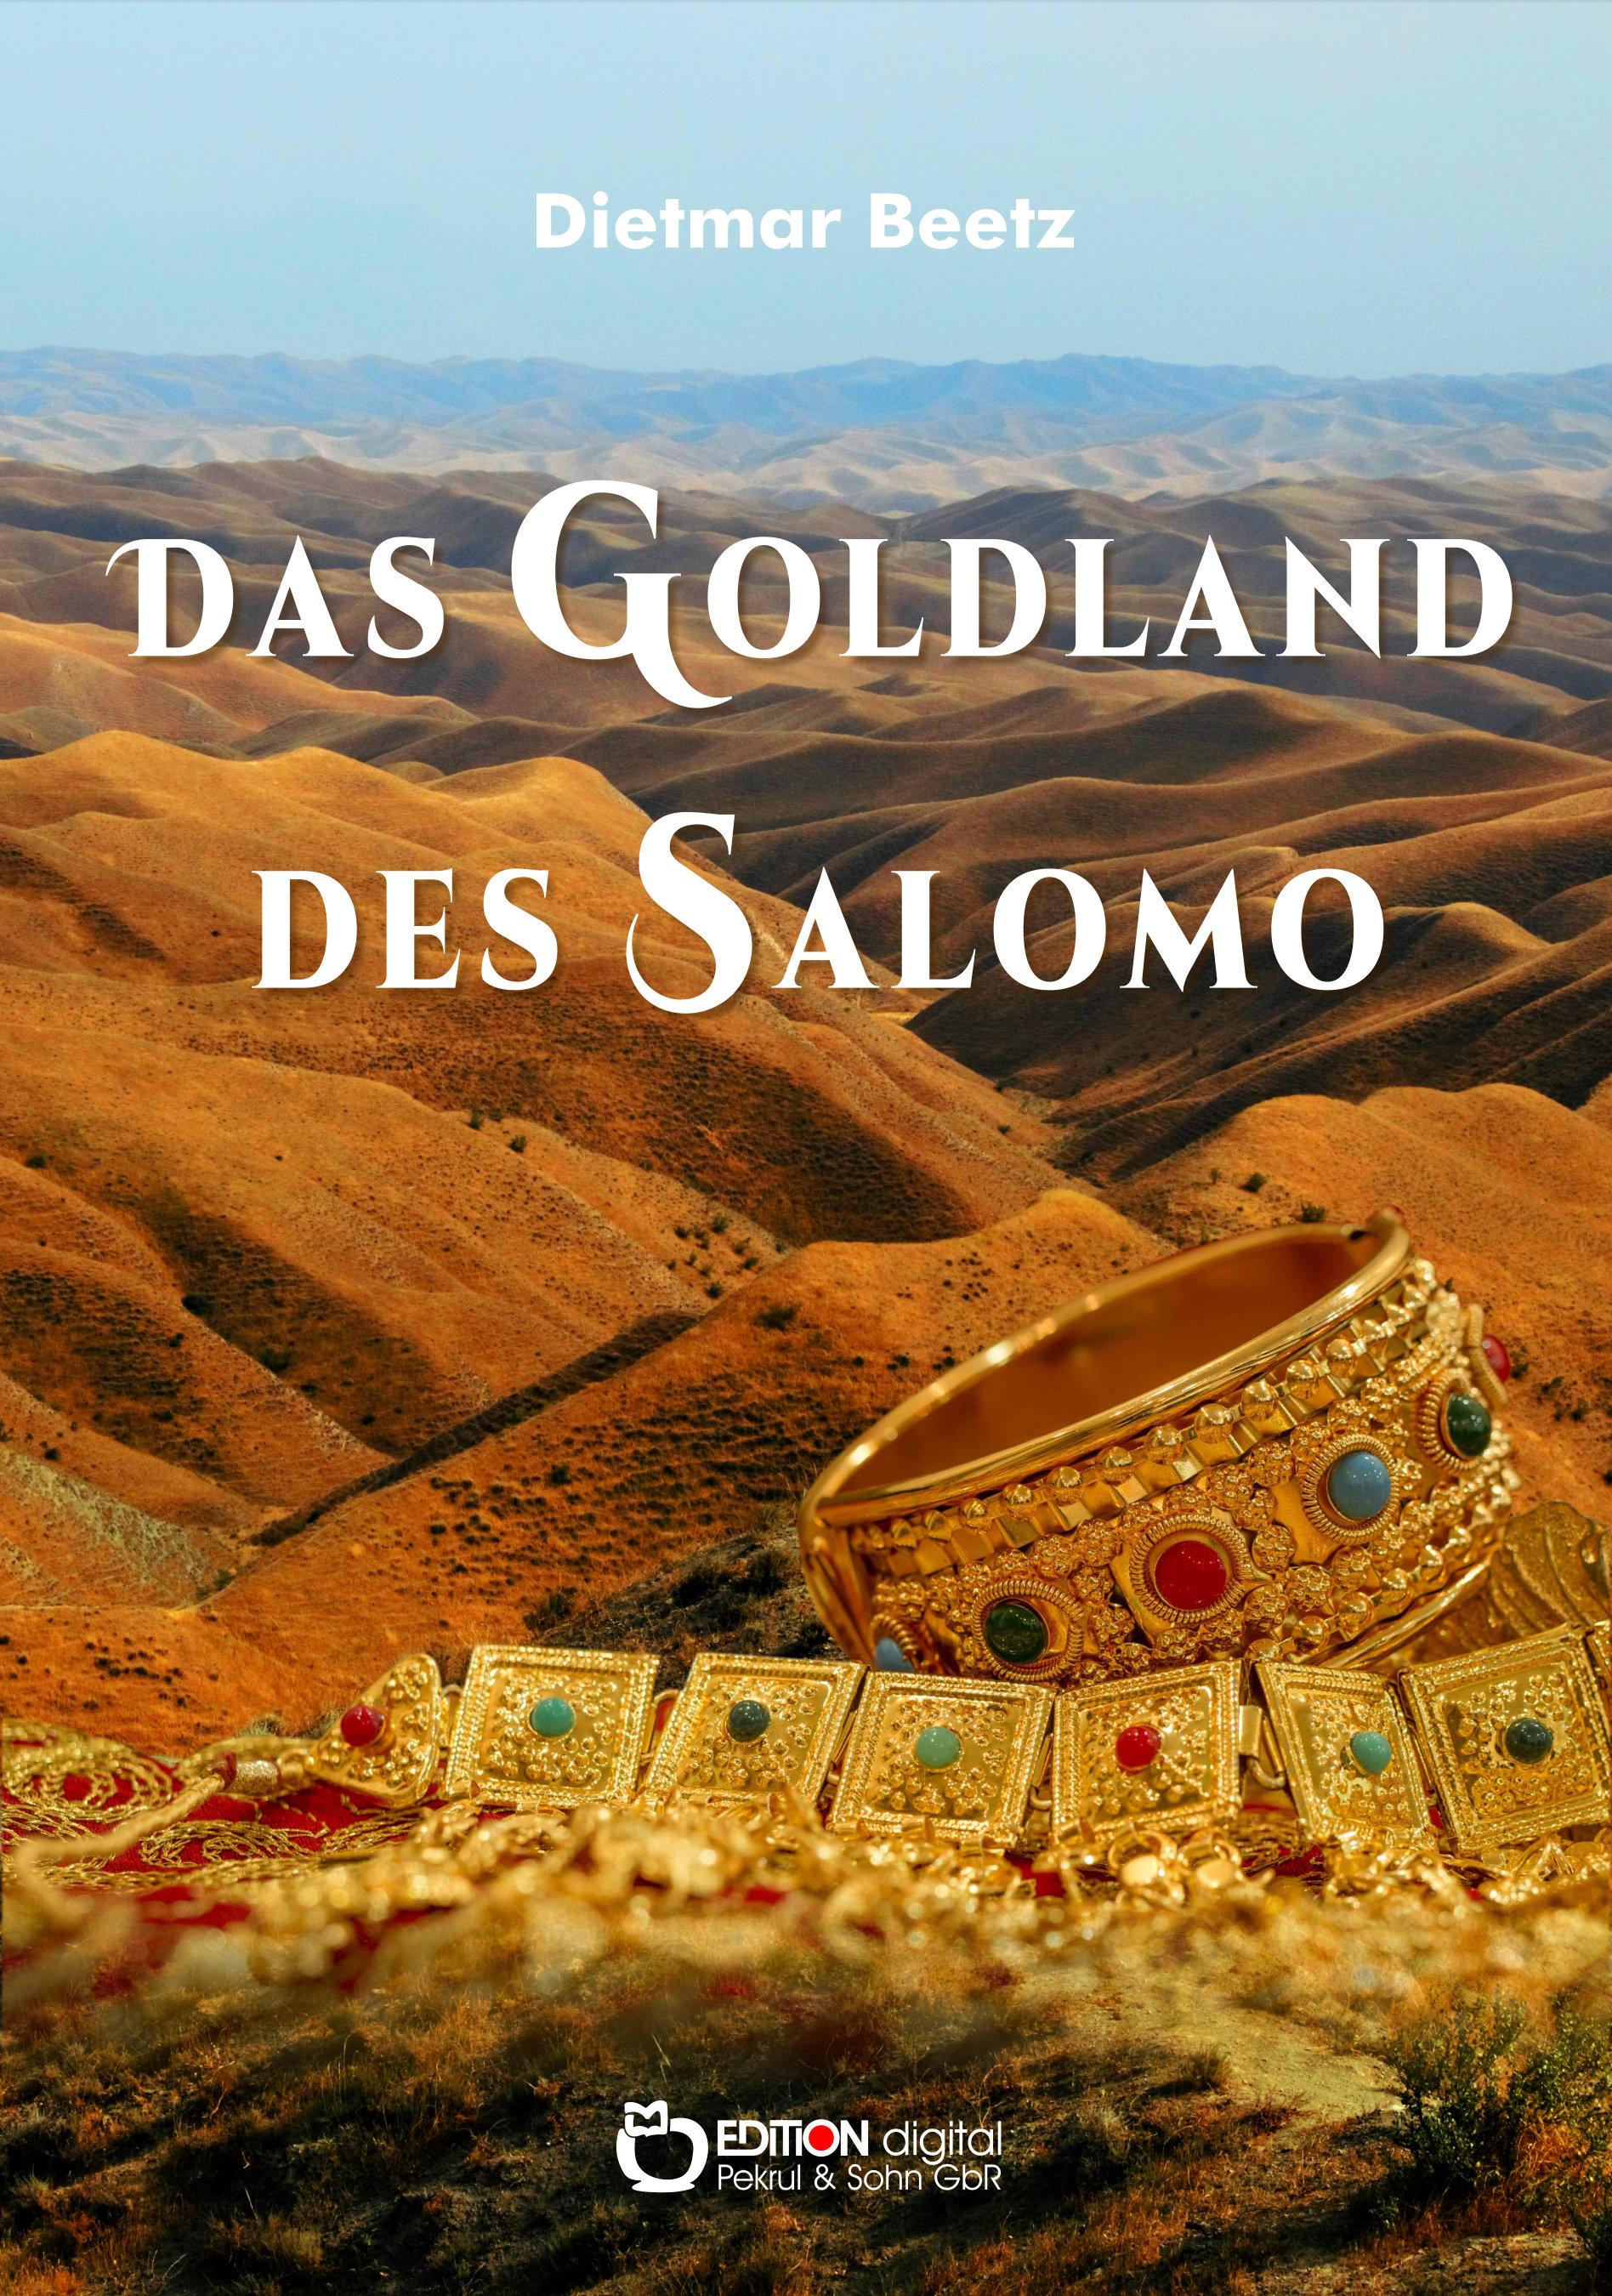 Das Goldland des Salomo. Roman von Dietmar Beetz